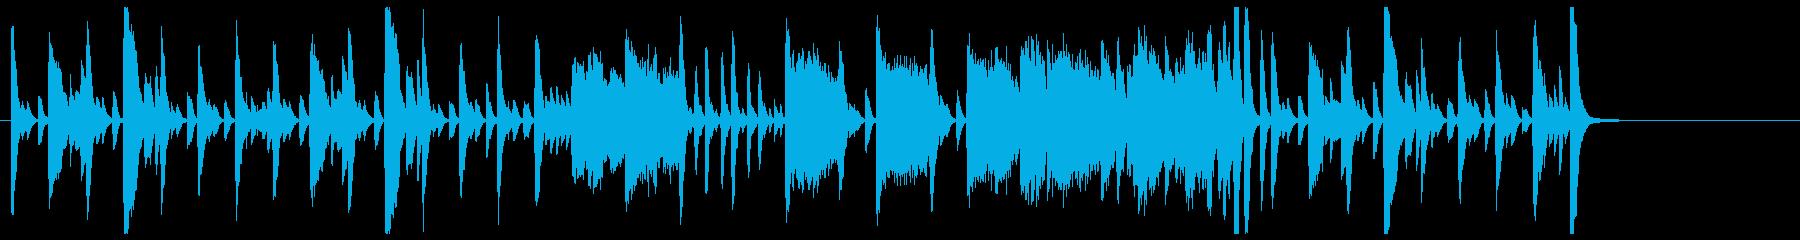 ニュース番組のオープニング風のピアノソロの再生済みの波形